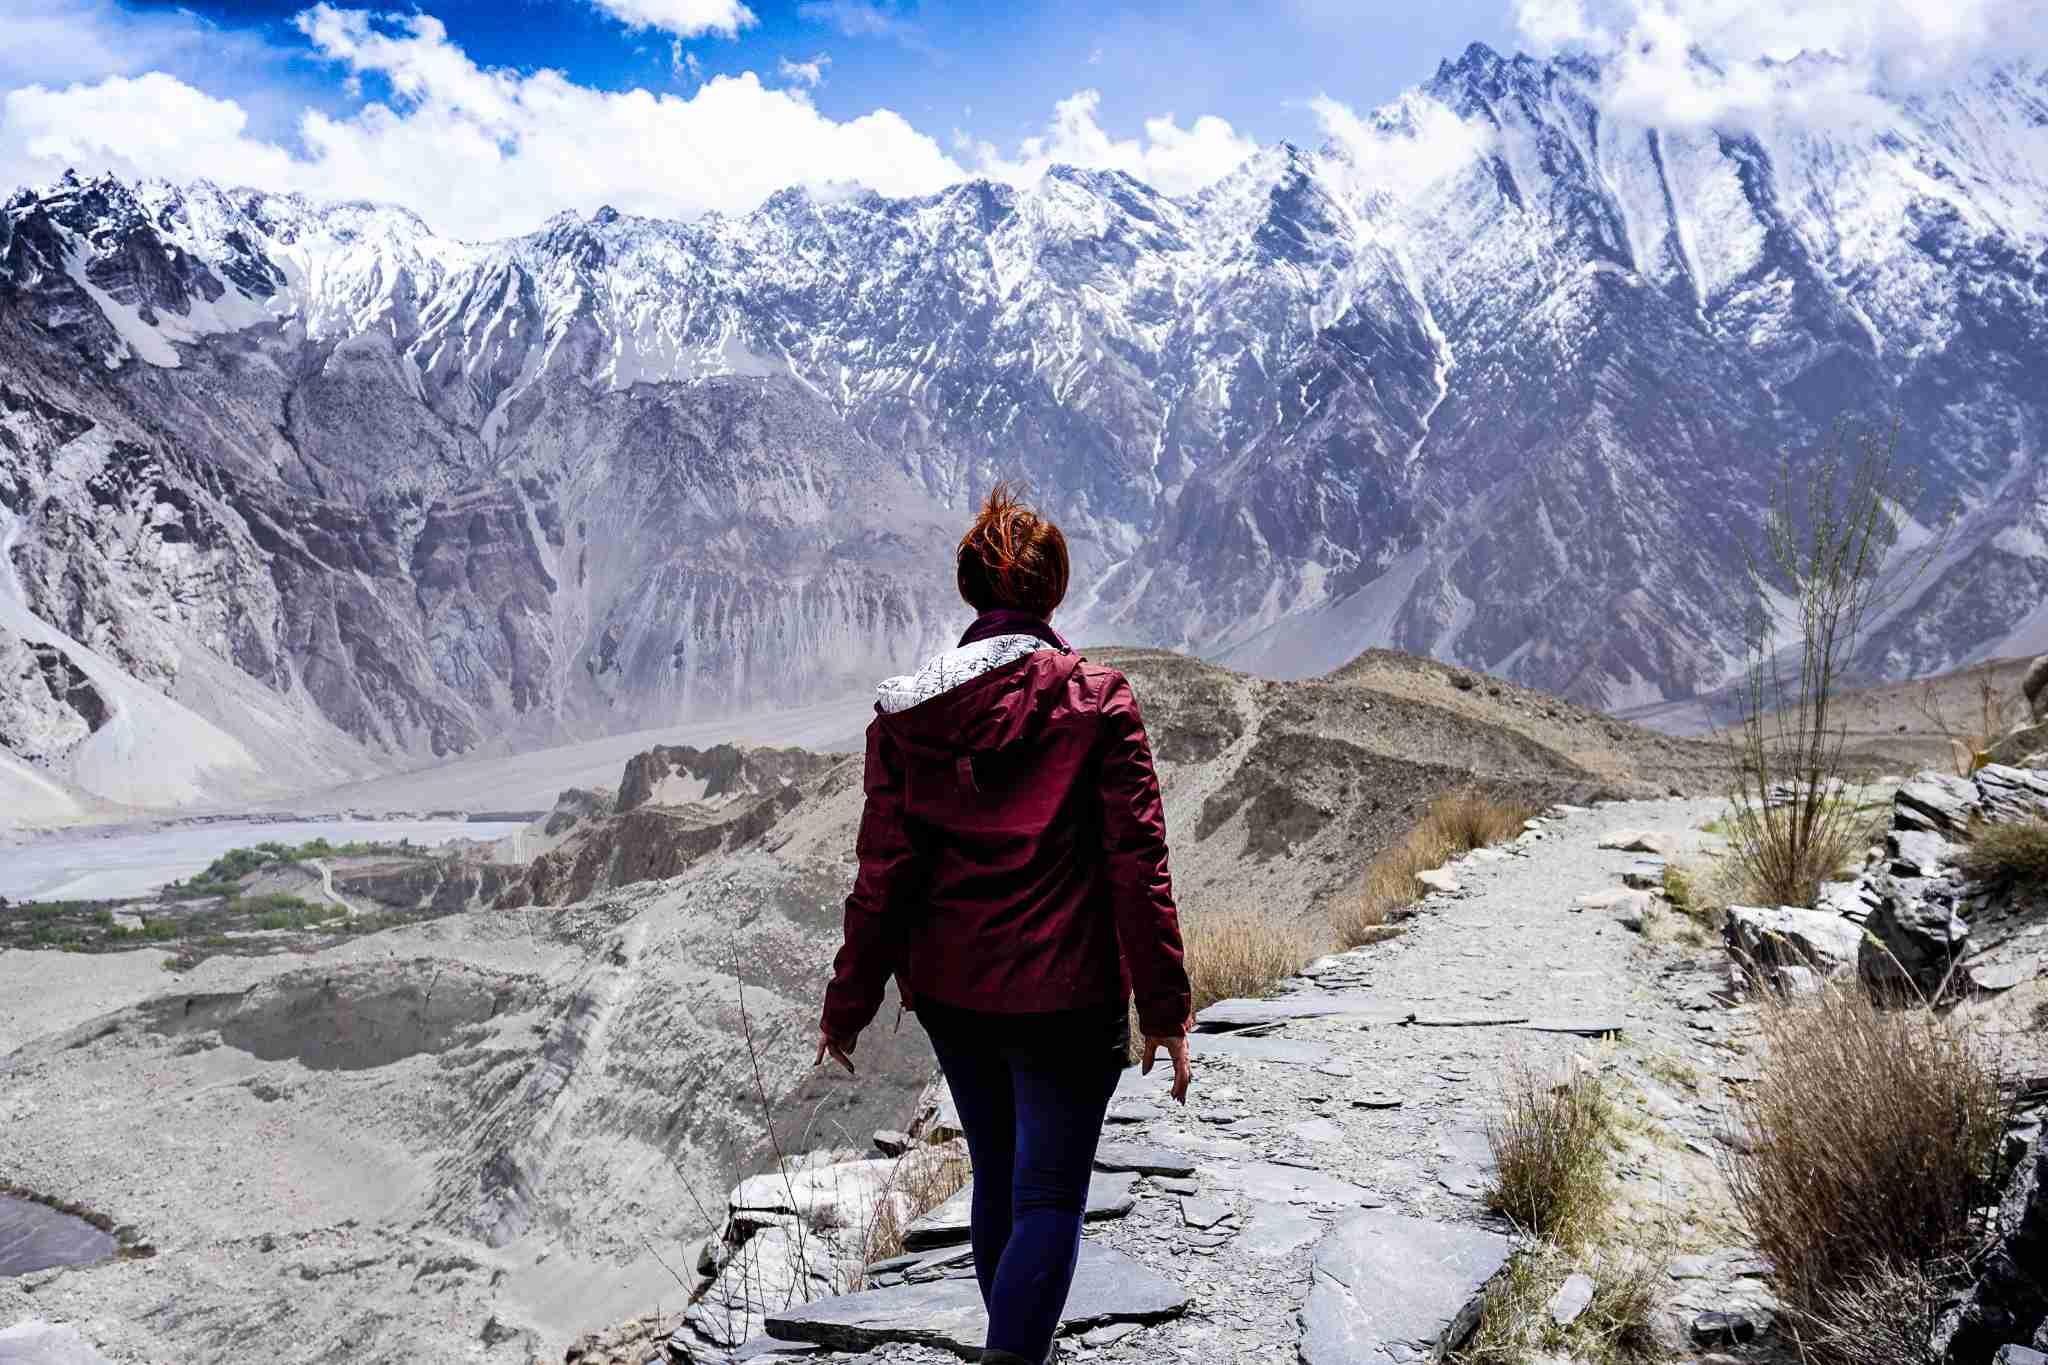 Trekking in Pakistan along the Passu Glacier in North East Pakistan